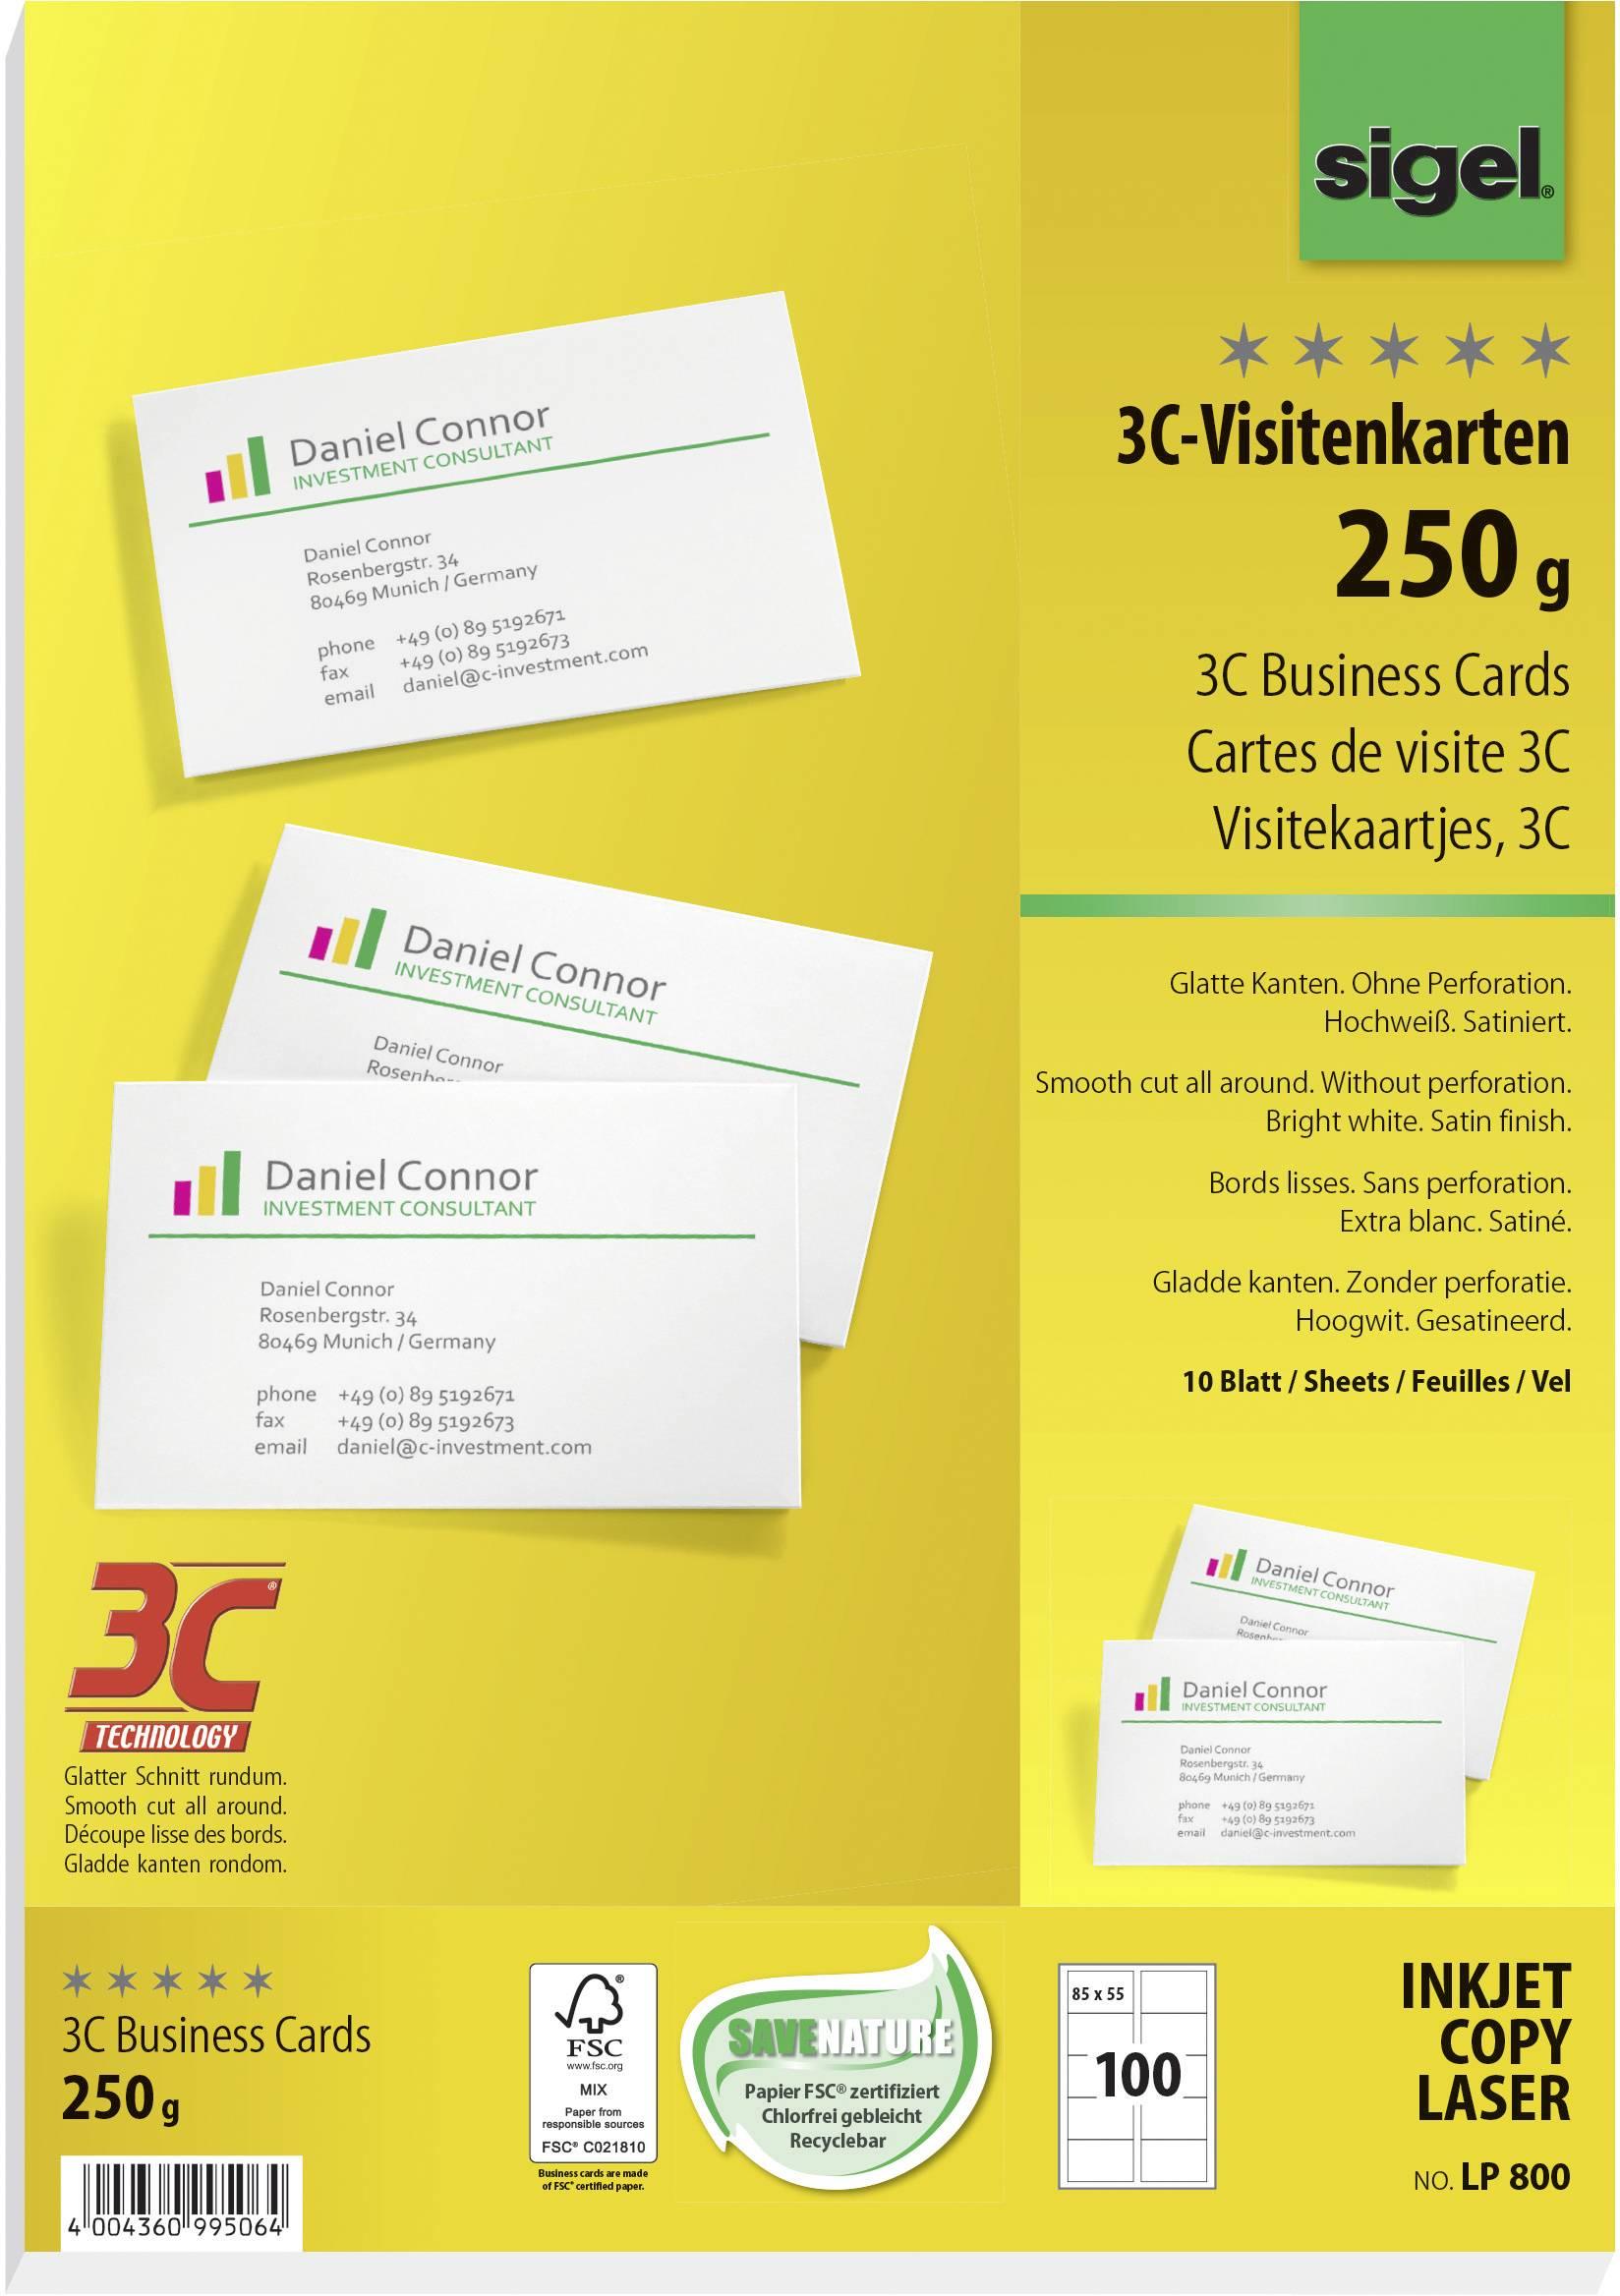 Wizytówki Do Nadruku Sigel Business Cards Lp800 100 Szt